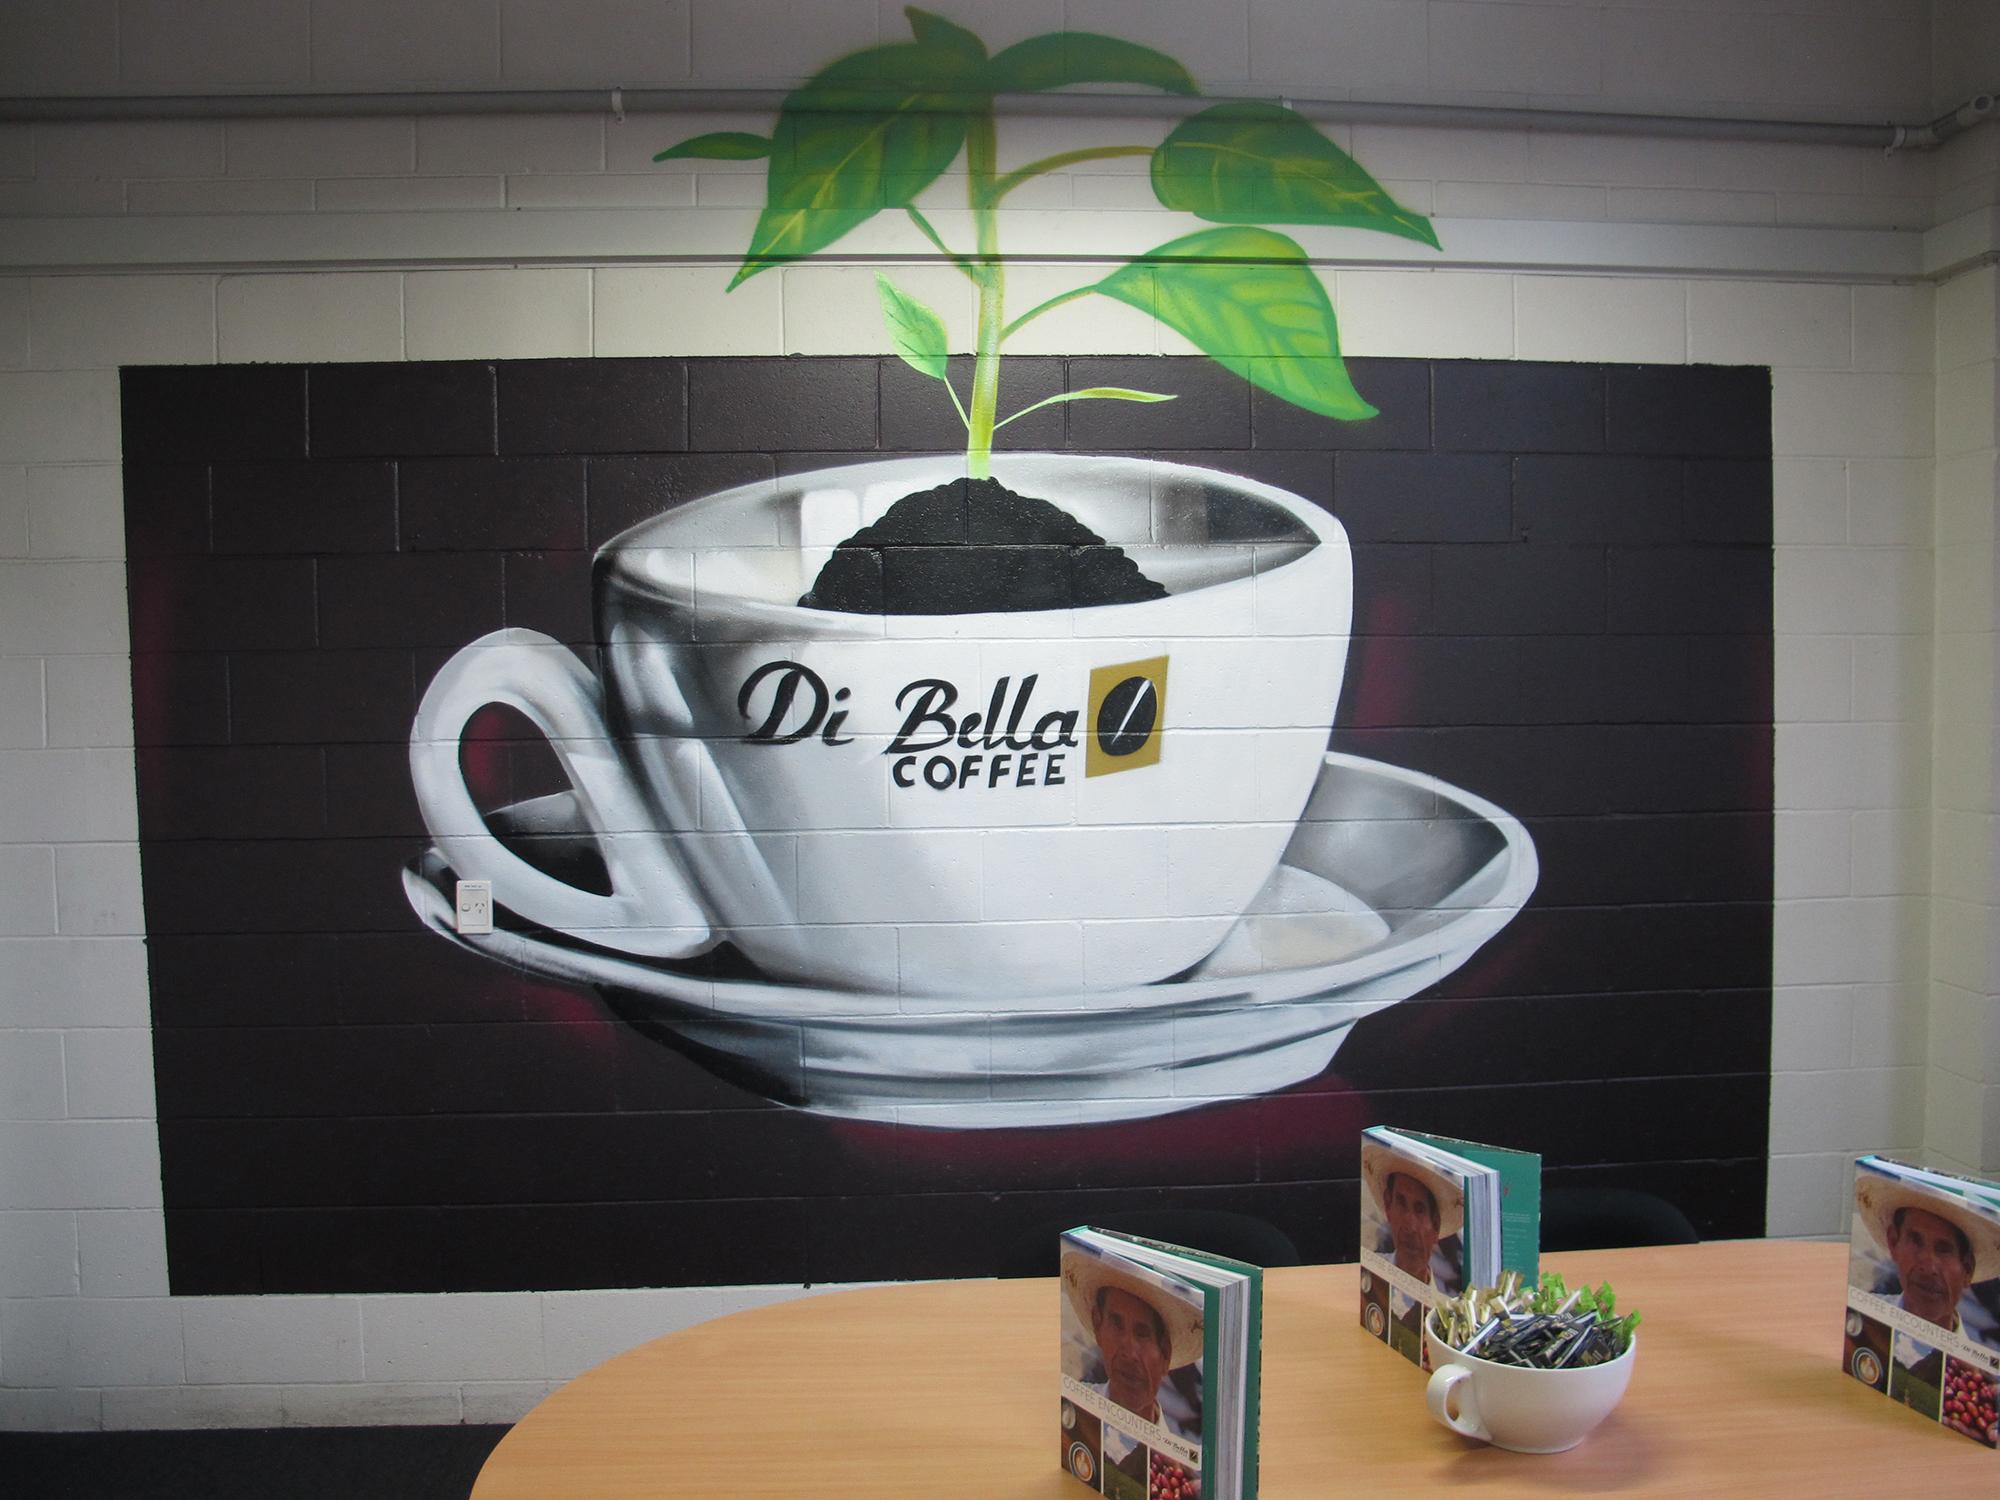 Рисунок кофейной чашки в интерьере